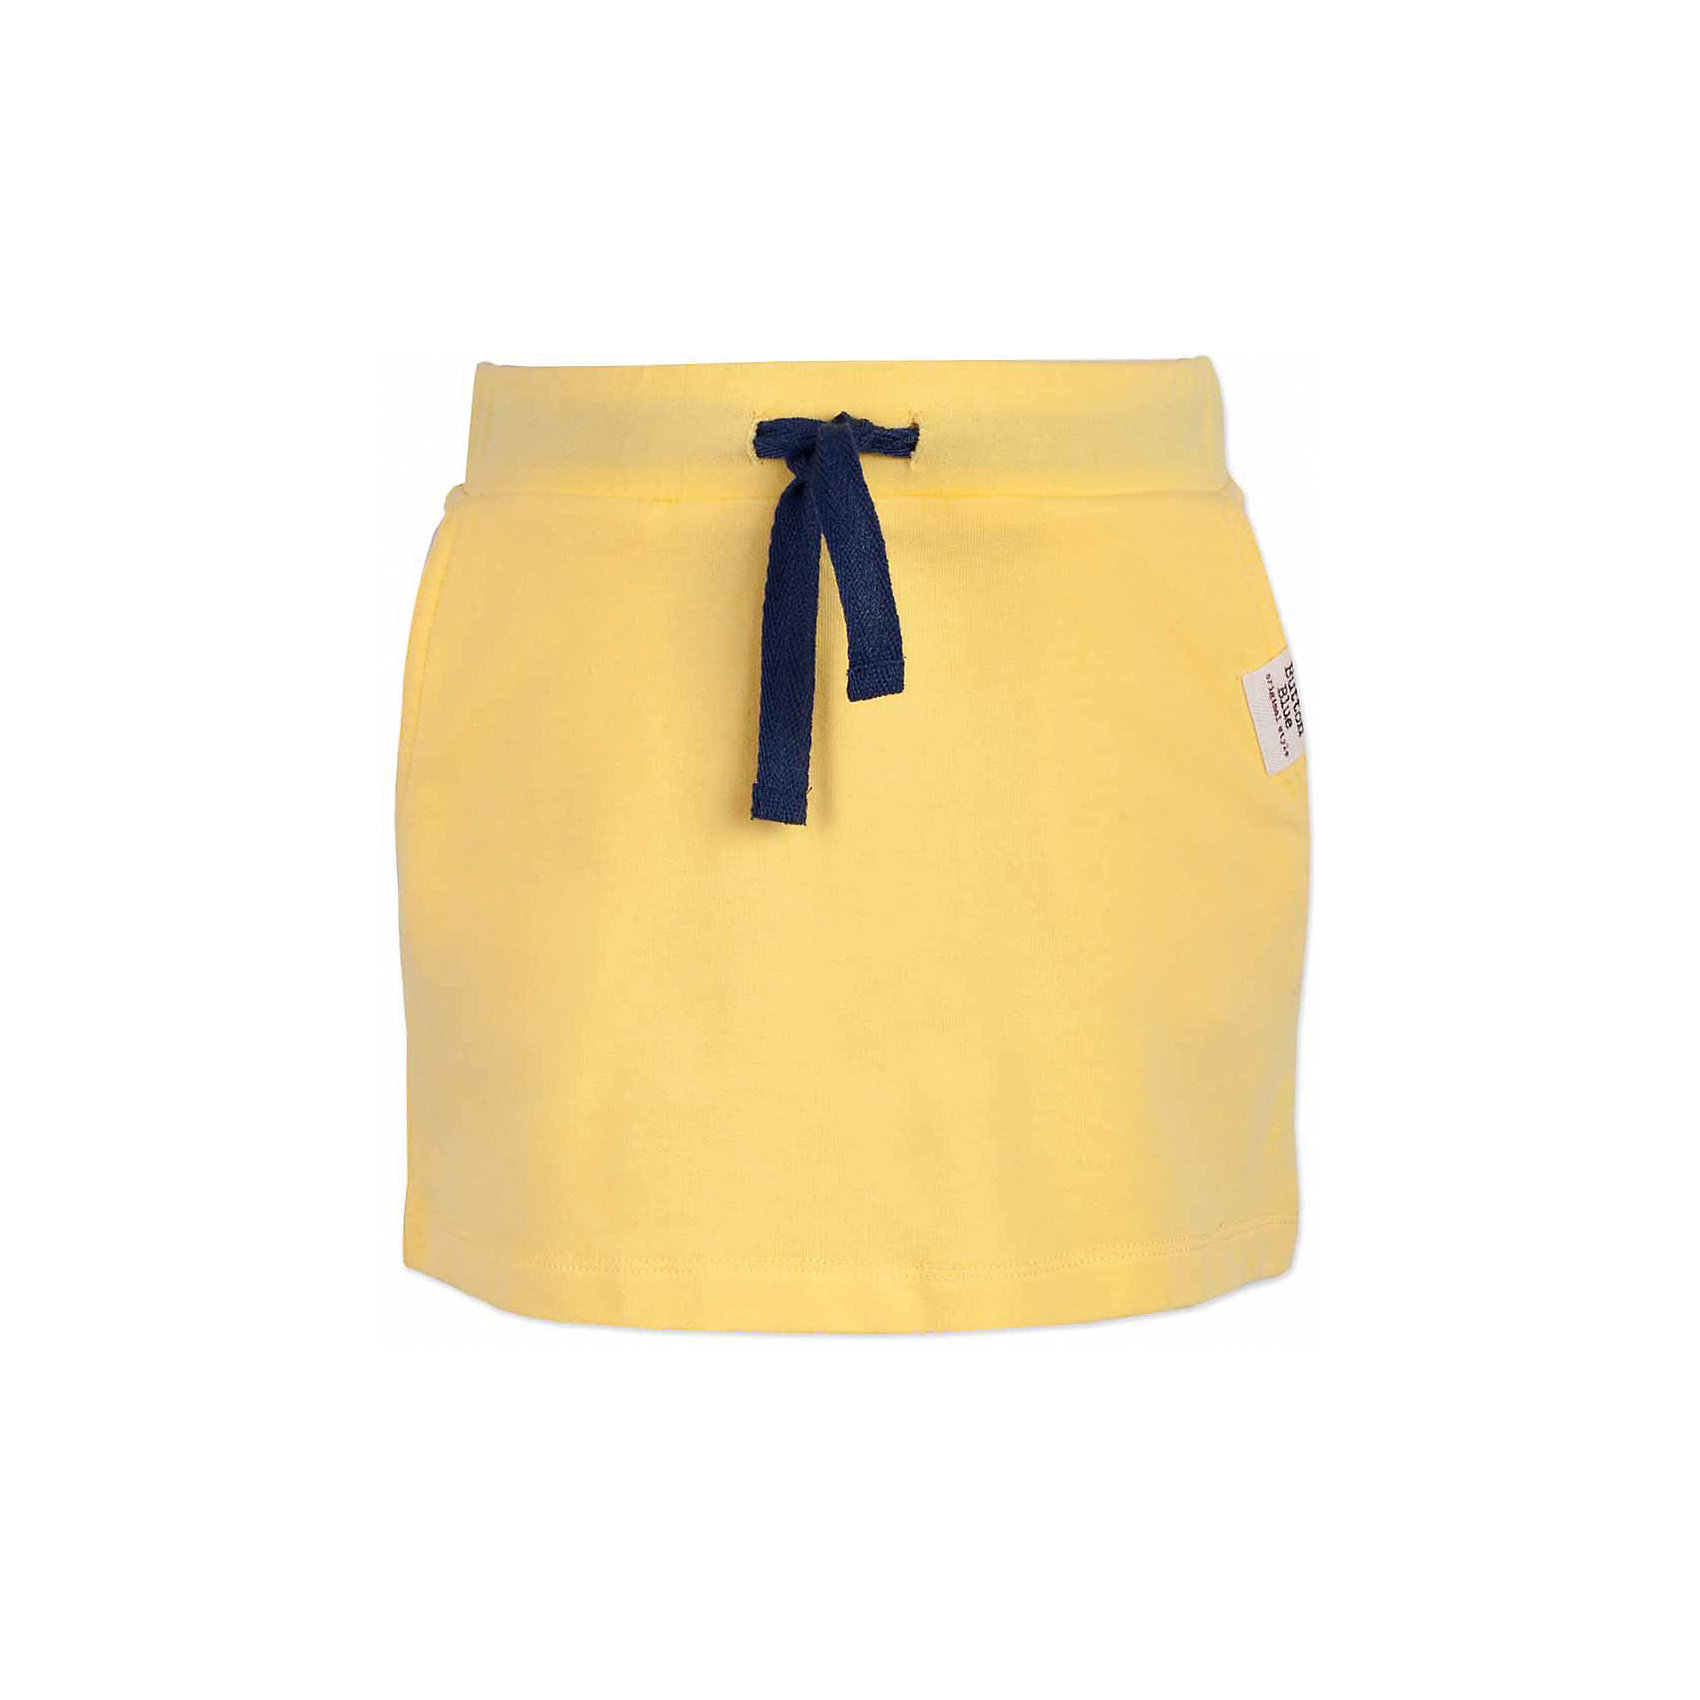 Юбка для девочки  BUTTON BLUEЮбки<br>Юбка для девочки  BUTTON BLUE<br>Не один детский гардероб не обойдется без летней юбки. А если она еще и красива, и удобна, и продается по доступной цене, эта юбка девочке просто необходима! Если вы хотите купить стильную трикотажную юбку недорого, не сомневаясь в ее качестве, комфорте и высоких потребительских свойствах, эта симпатичная модель в спортивном стиле — отличный вариант!<br>Состав:<br>60% хлопок 40% полиэстер<br><br>Ширина мм: 207<br>Глубина мм: 10<br>Высота мм: 189<br>Вес г: 183<br>Цвет: желтый<br>Возраст от месяцев: 24<br>Возраст до месяцев: 36<br>Пол: Женский<br>Возраст: Детский<br>Размер: 98,158,104,110,116,122,128,134,140,146,152<br>SKU: 5523559